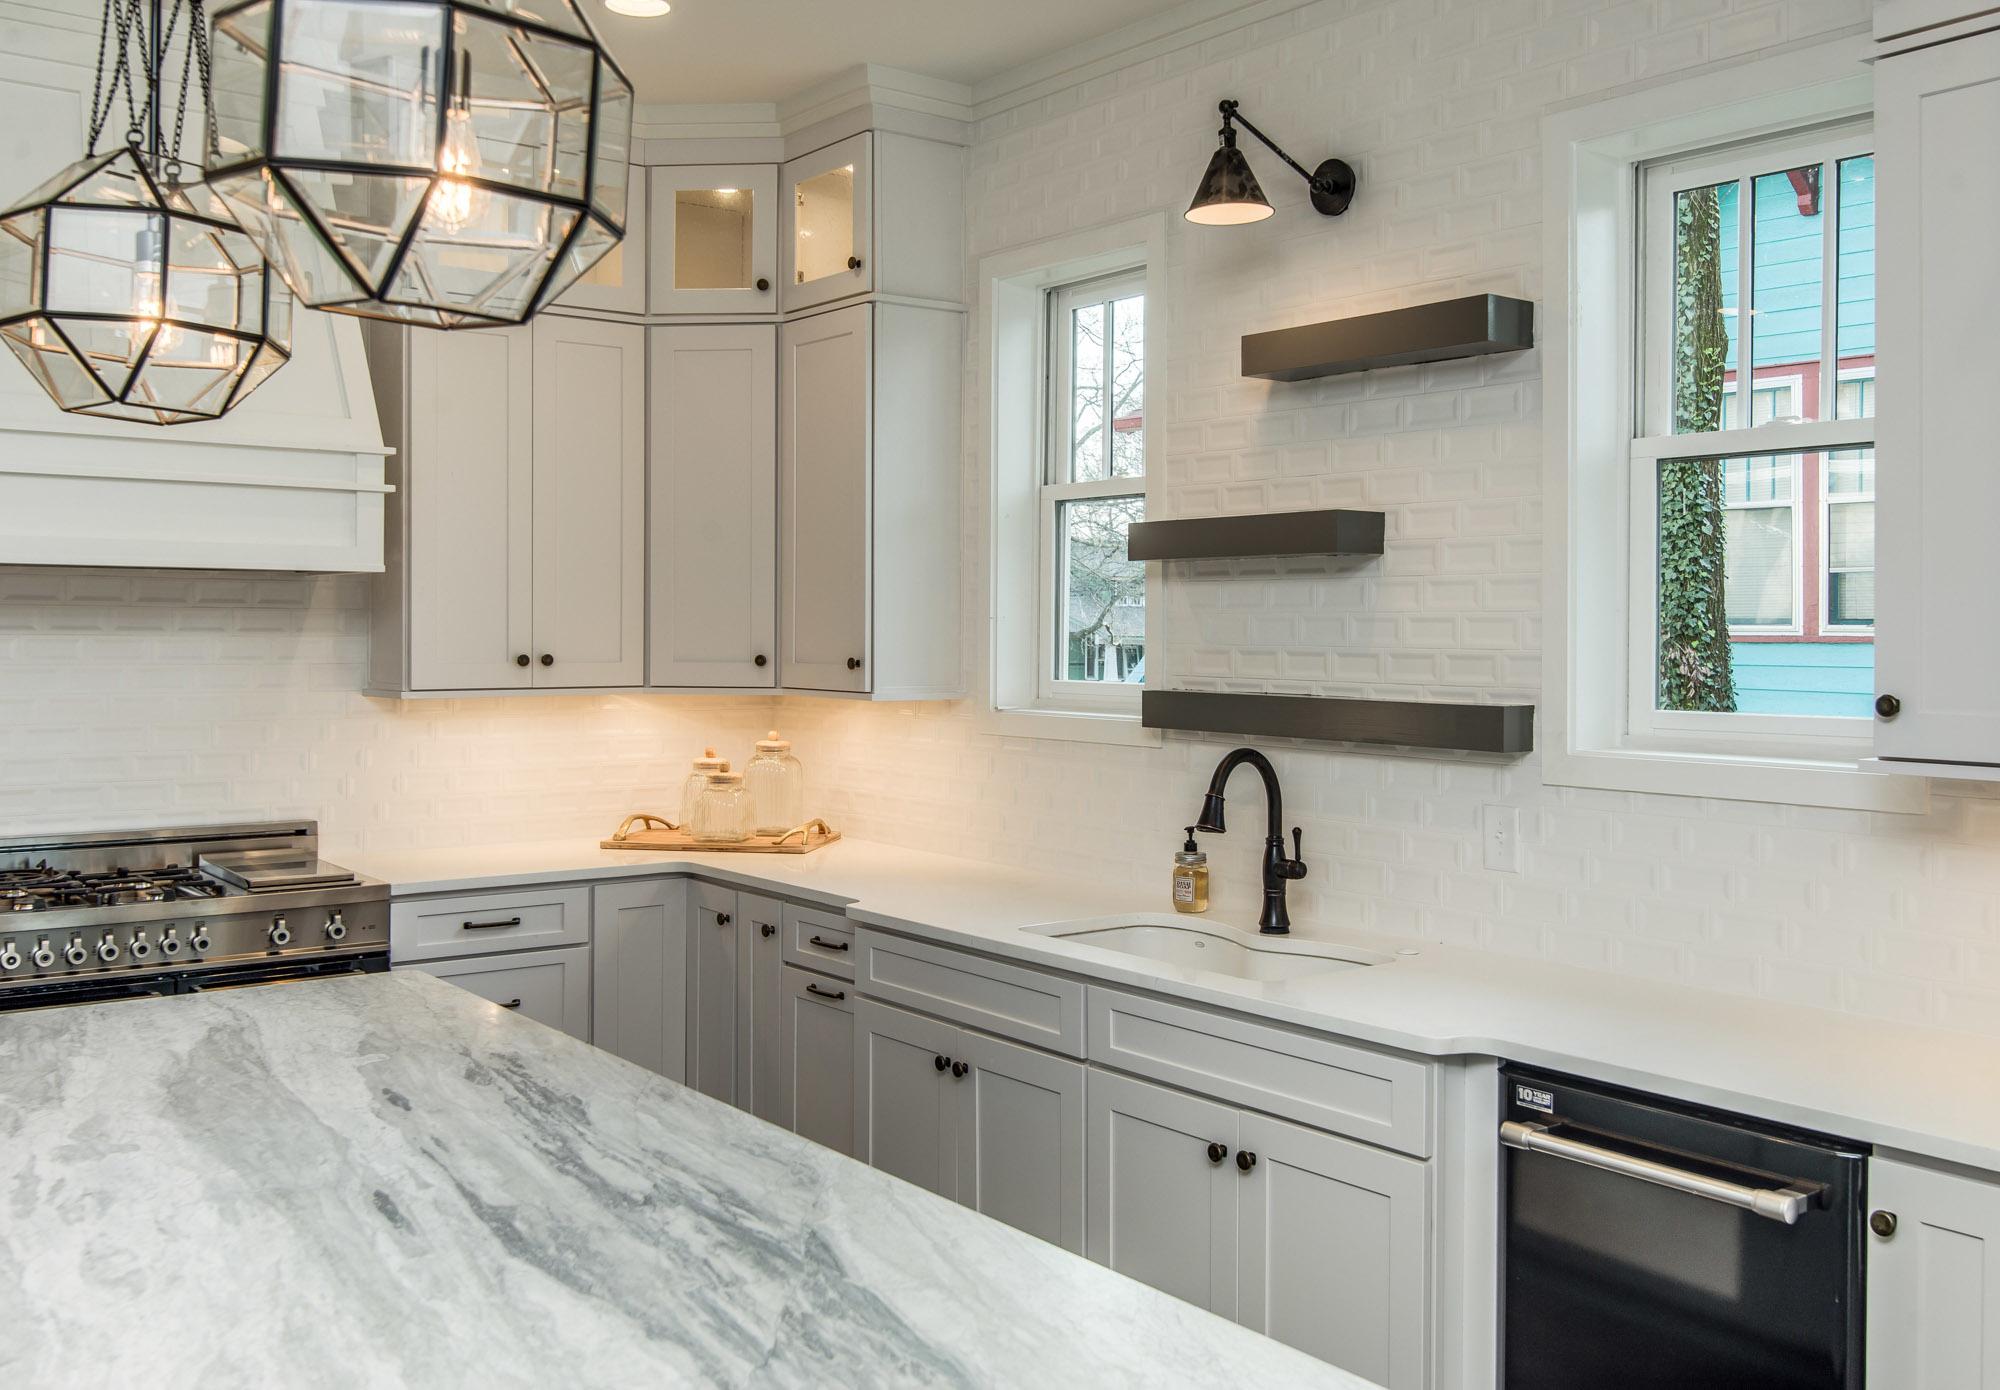 nashville-home-remodel-renovation-custom-home-tennessee-britt-development-group-1022.jpg